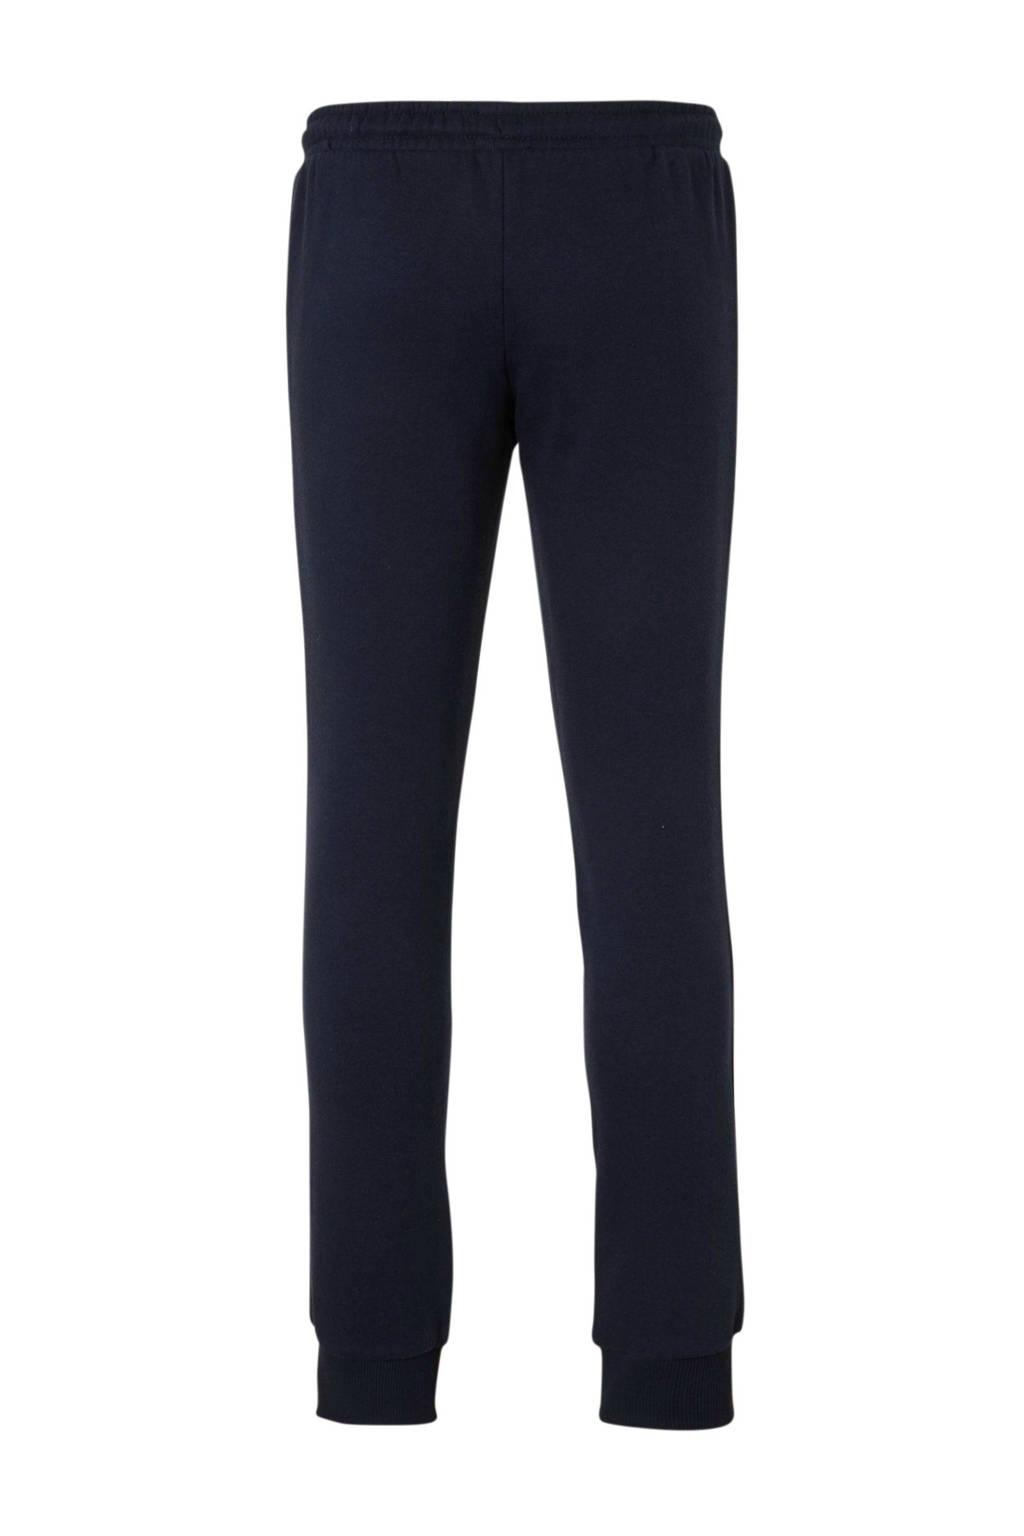 Tommy Hilfiger joggingbroek met zijstreep donkerblauw/wit, Donkerblauw/wit